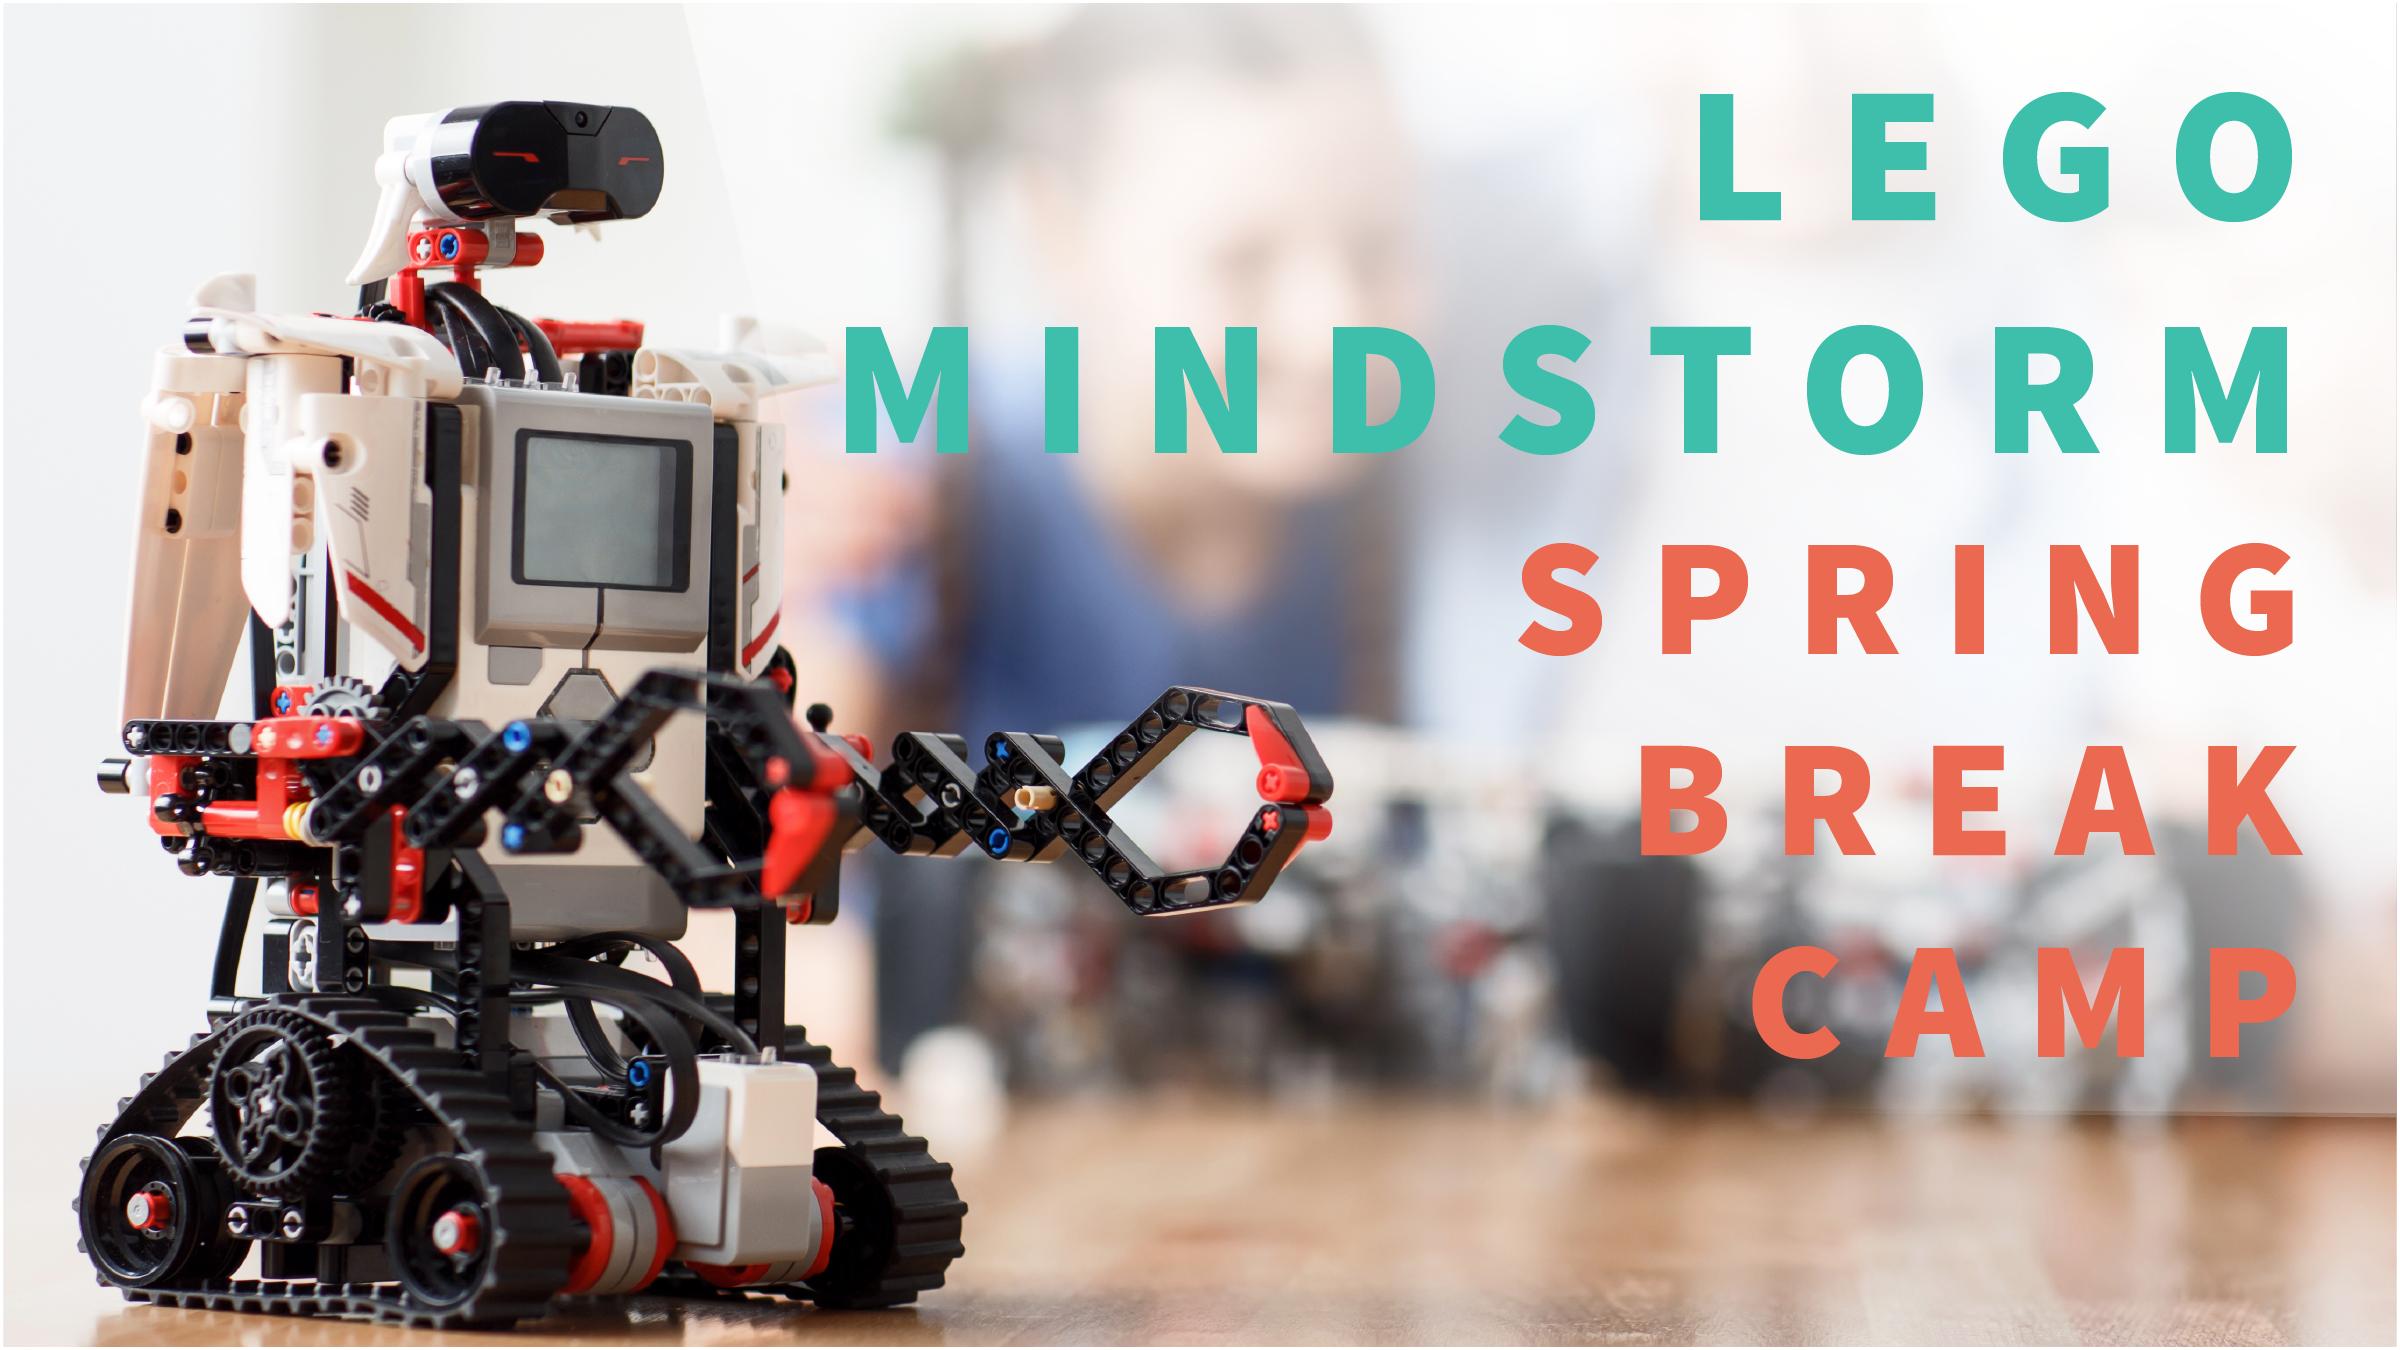 Mindstorm Spring Break Camp.png